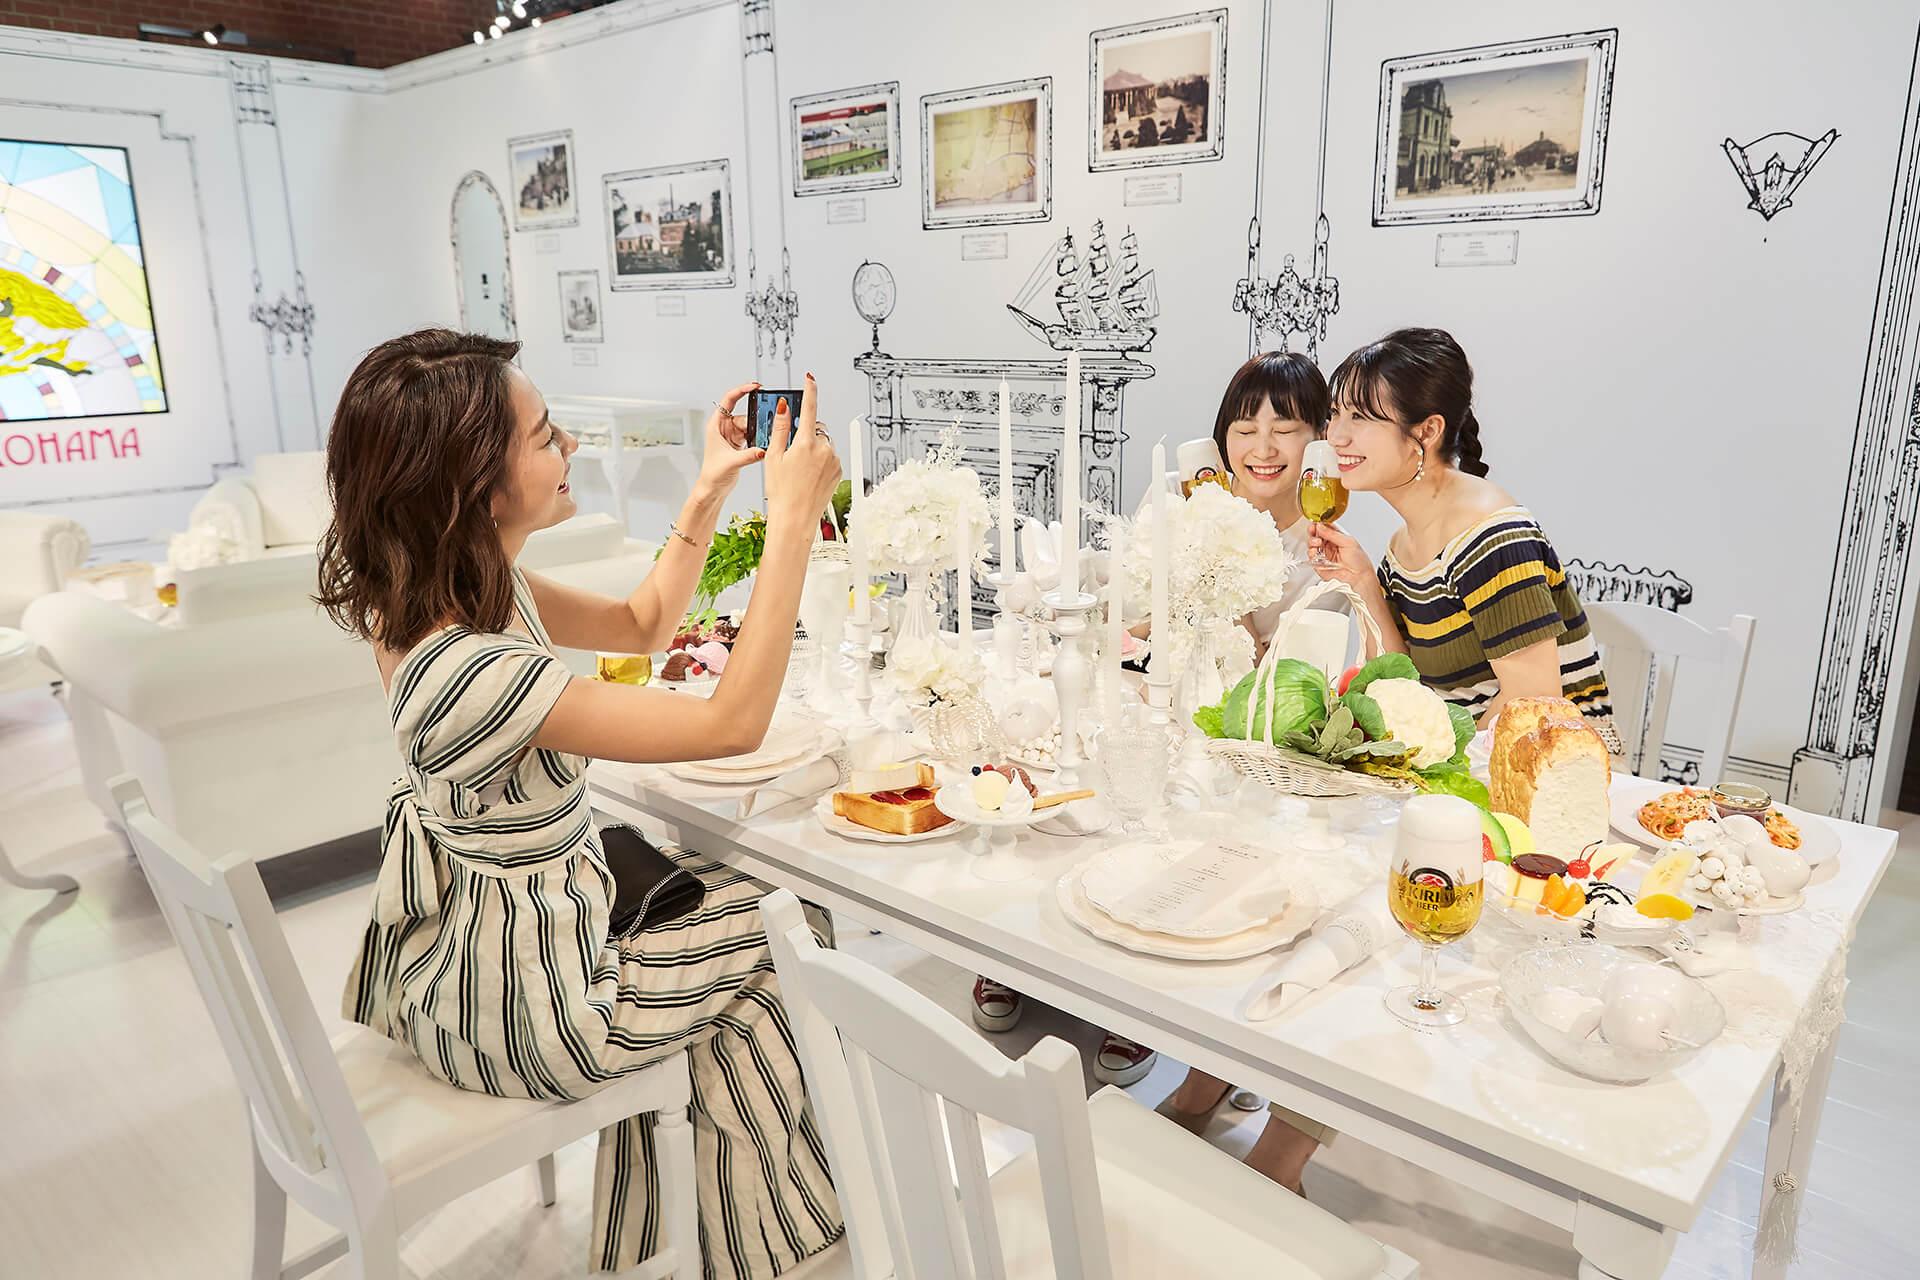 この写真は、#カンパイ展 2019のBorn in Yokohamaコーナーで興じる女子達